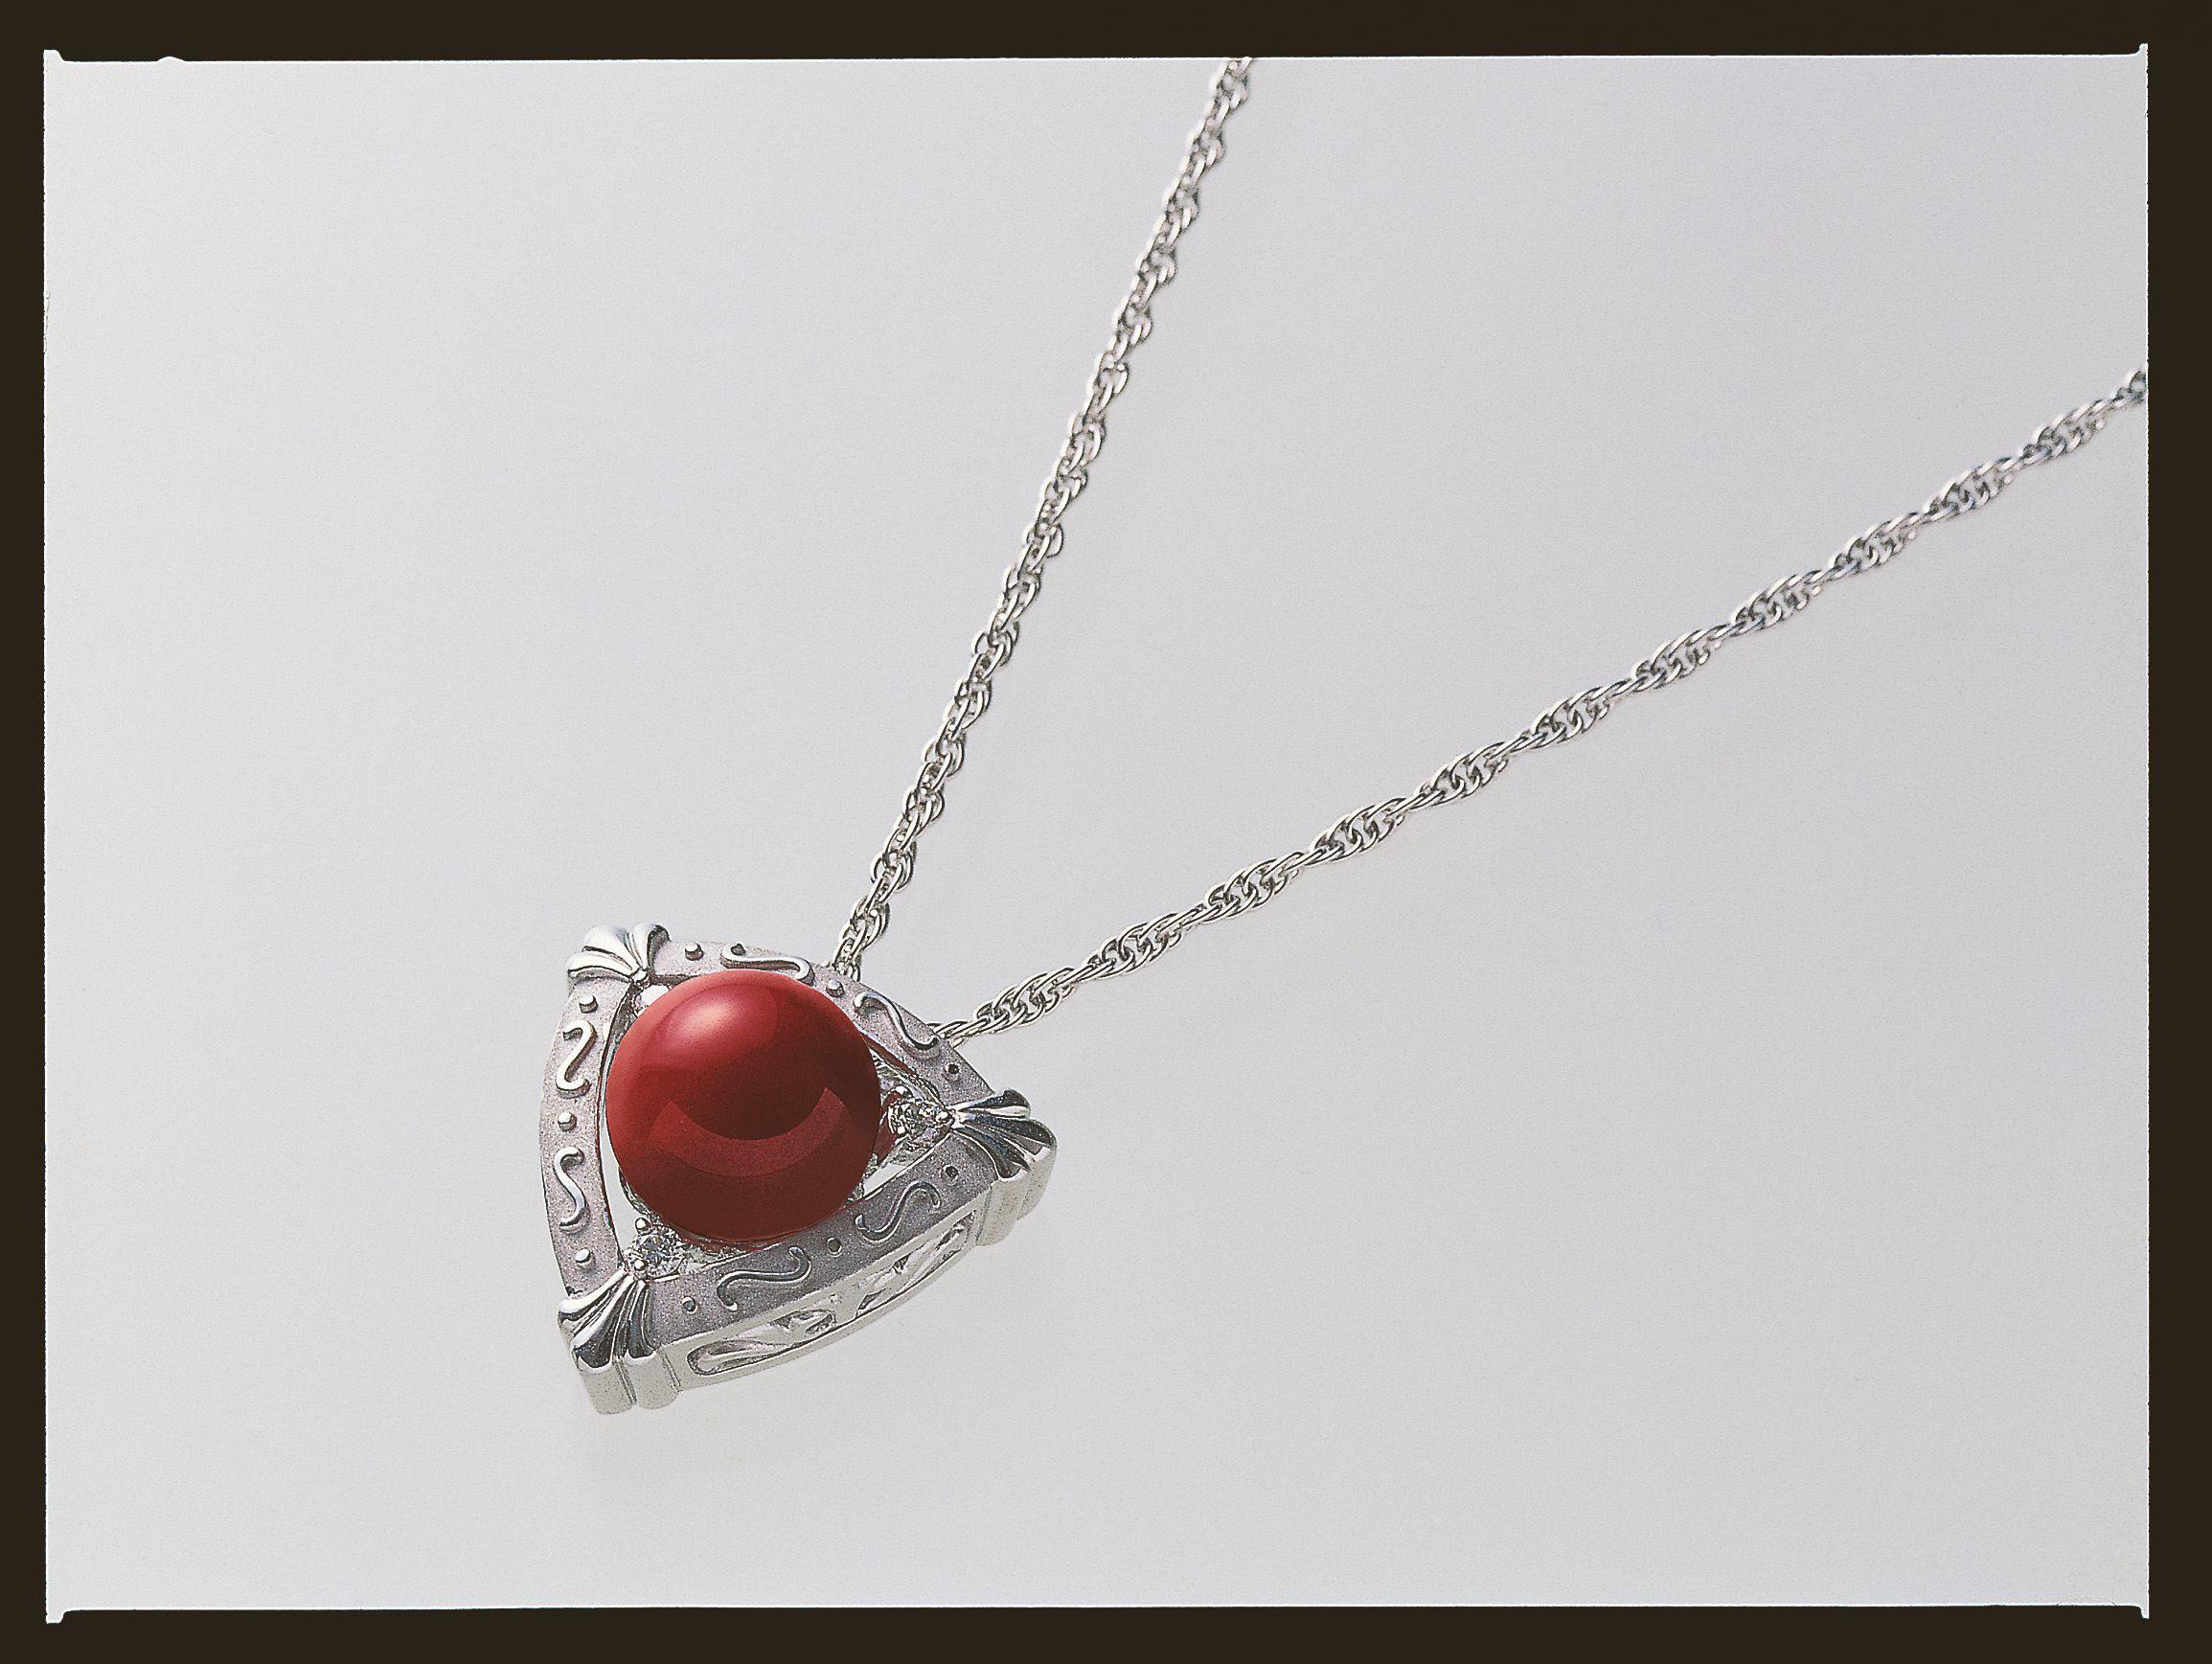 2007小田急赤玉ペンダ